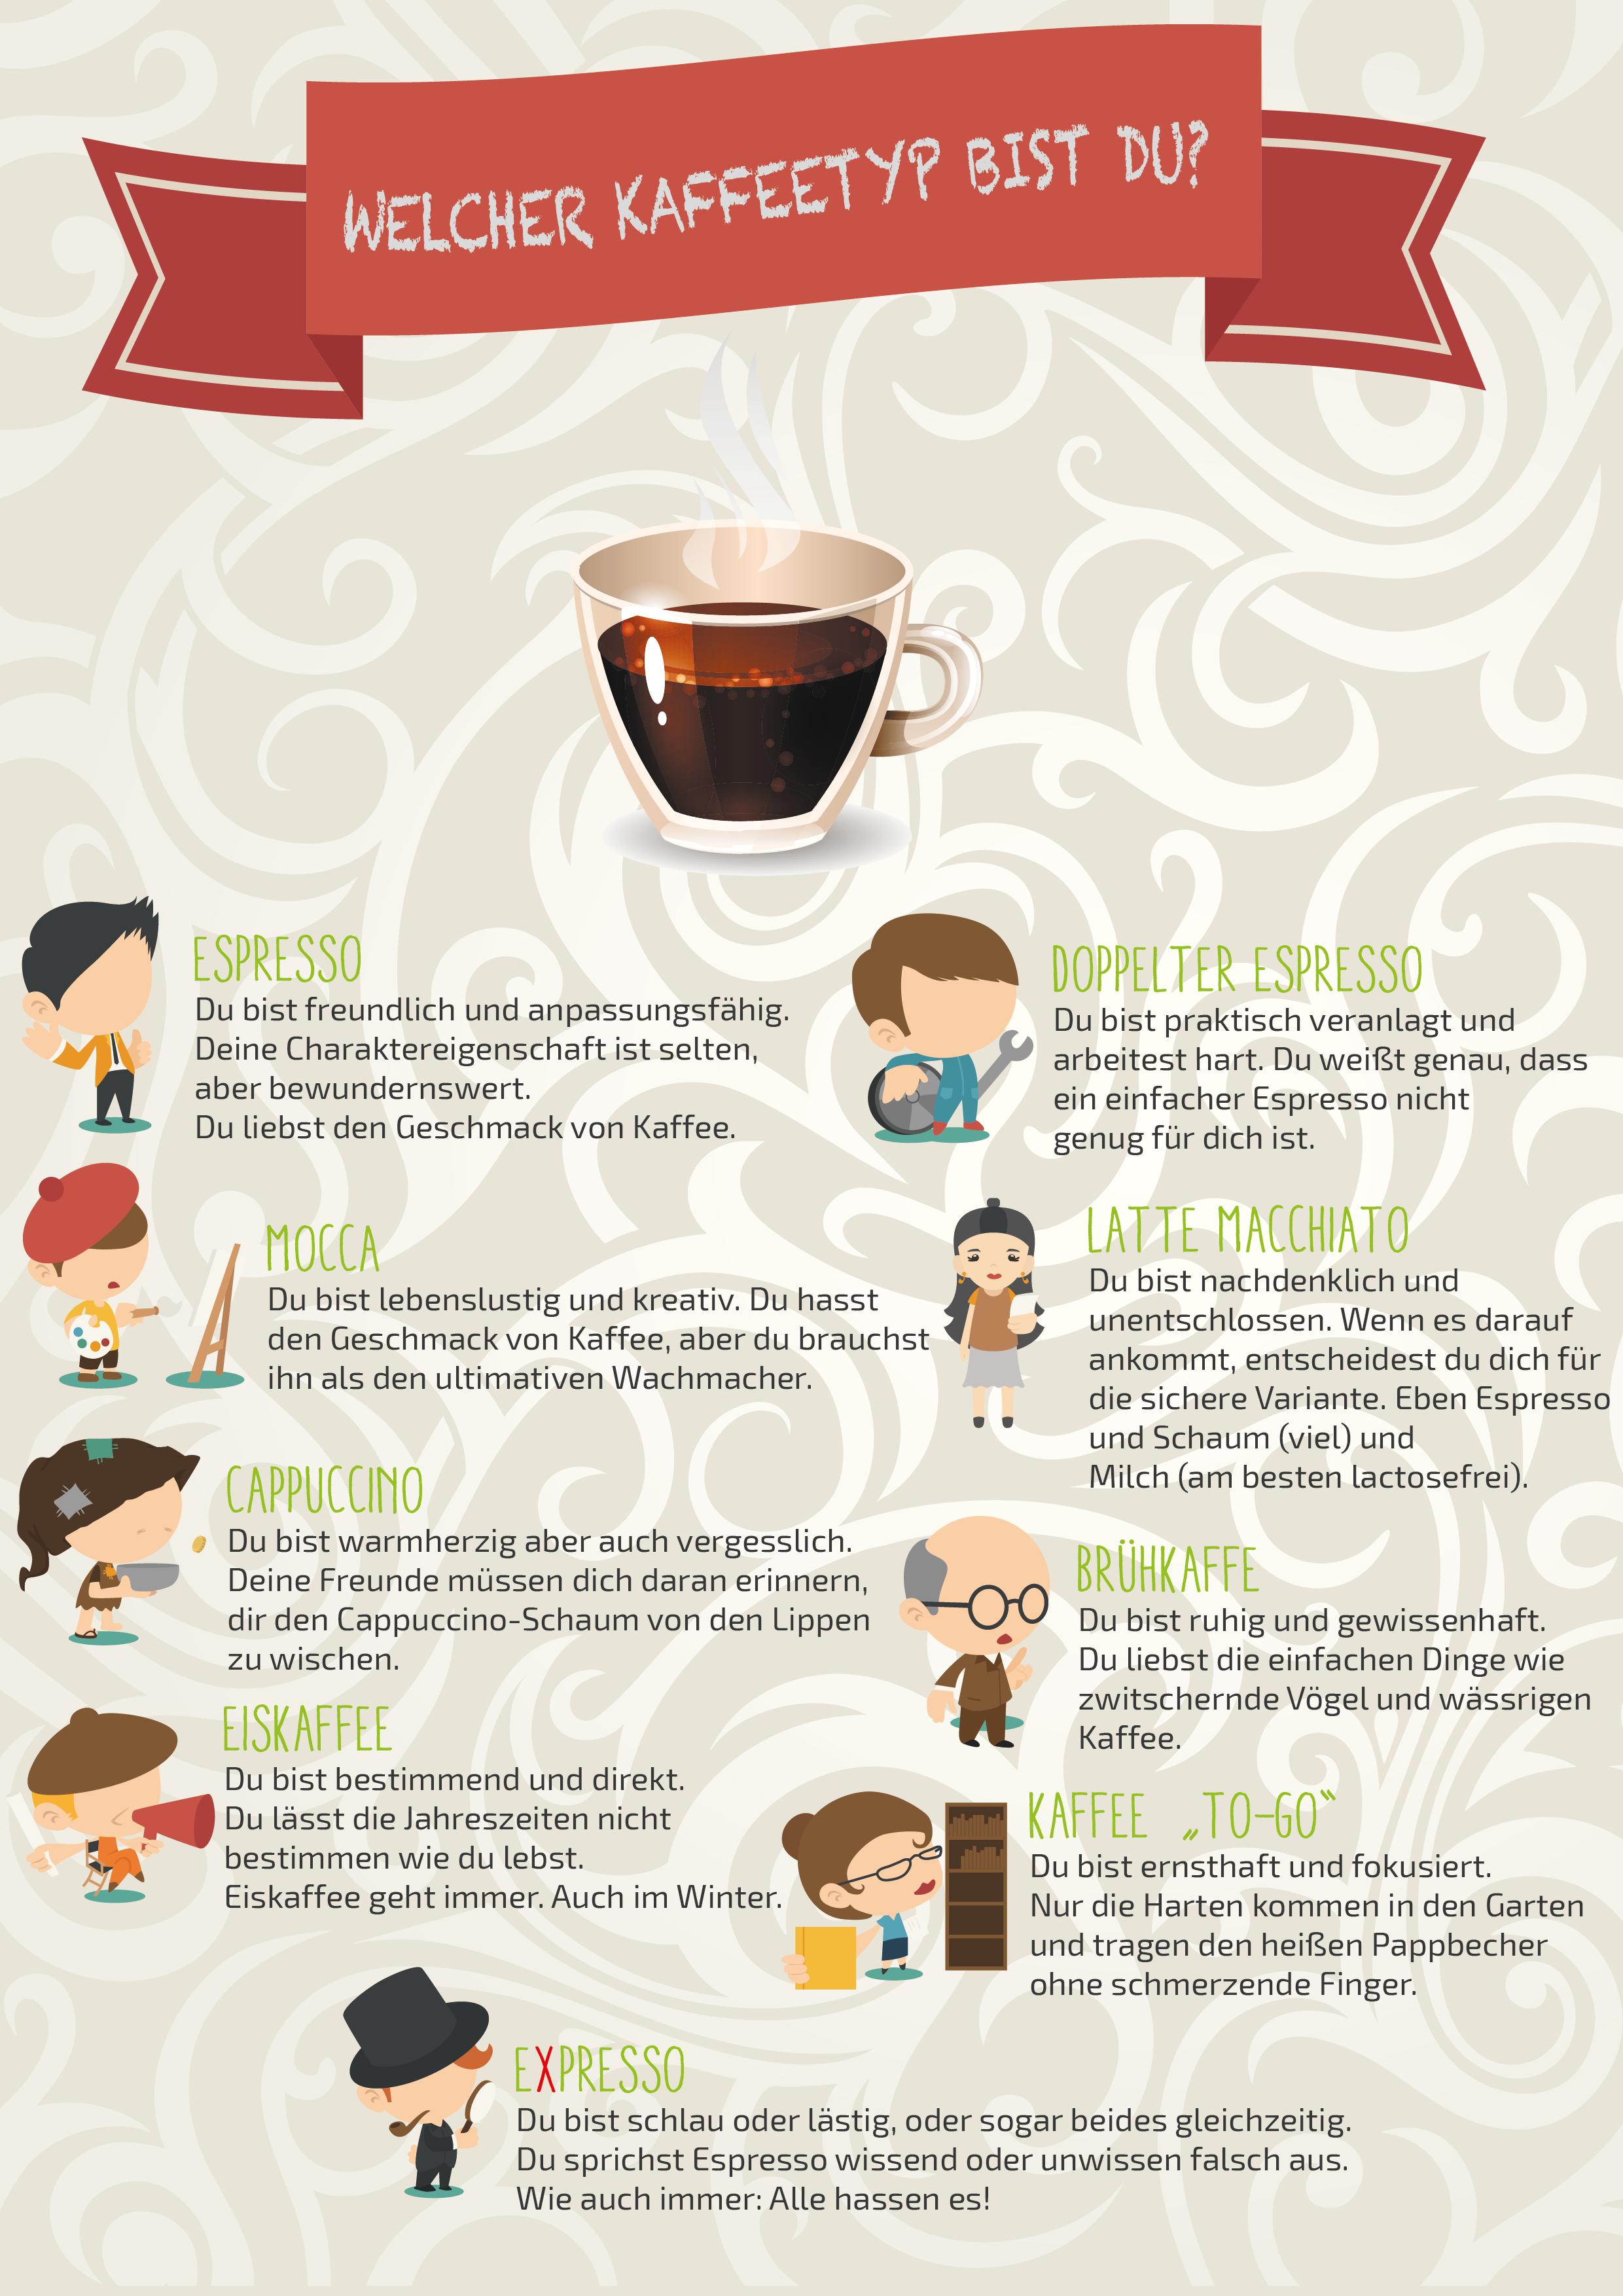 Welcher Kaffeetyp bist du?